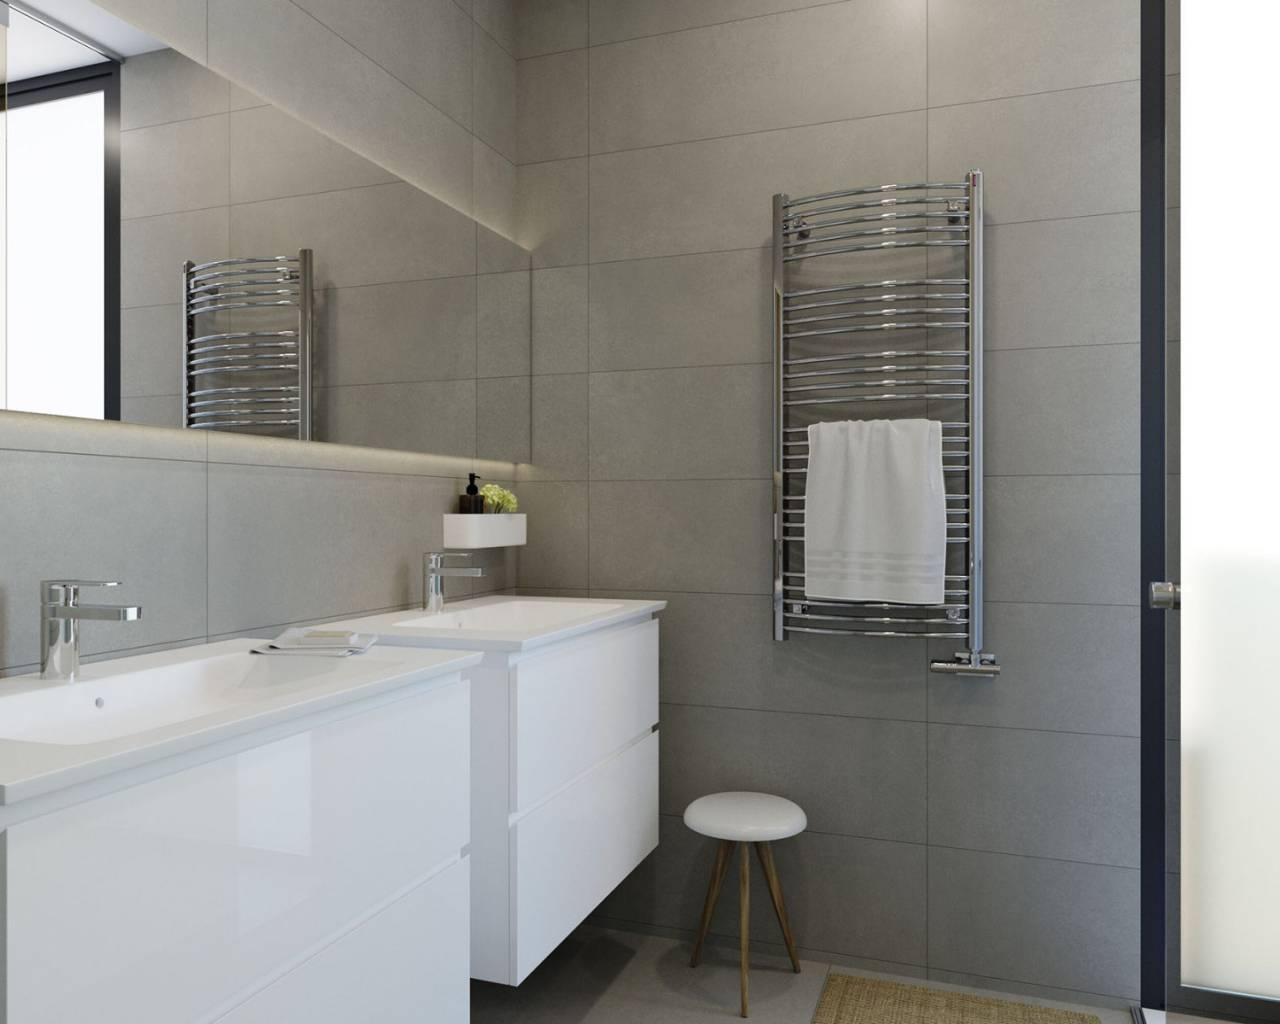 nieuwbouw-half-vrijstaande-villa-montforte-del-cid-font-del-llop_3183_xl